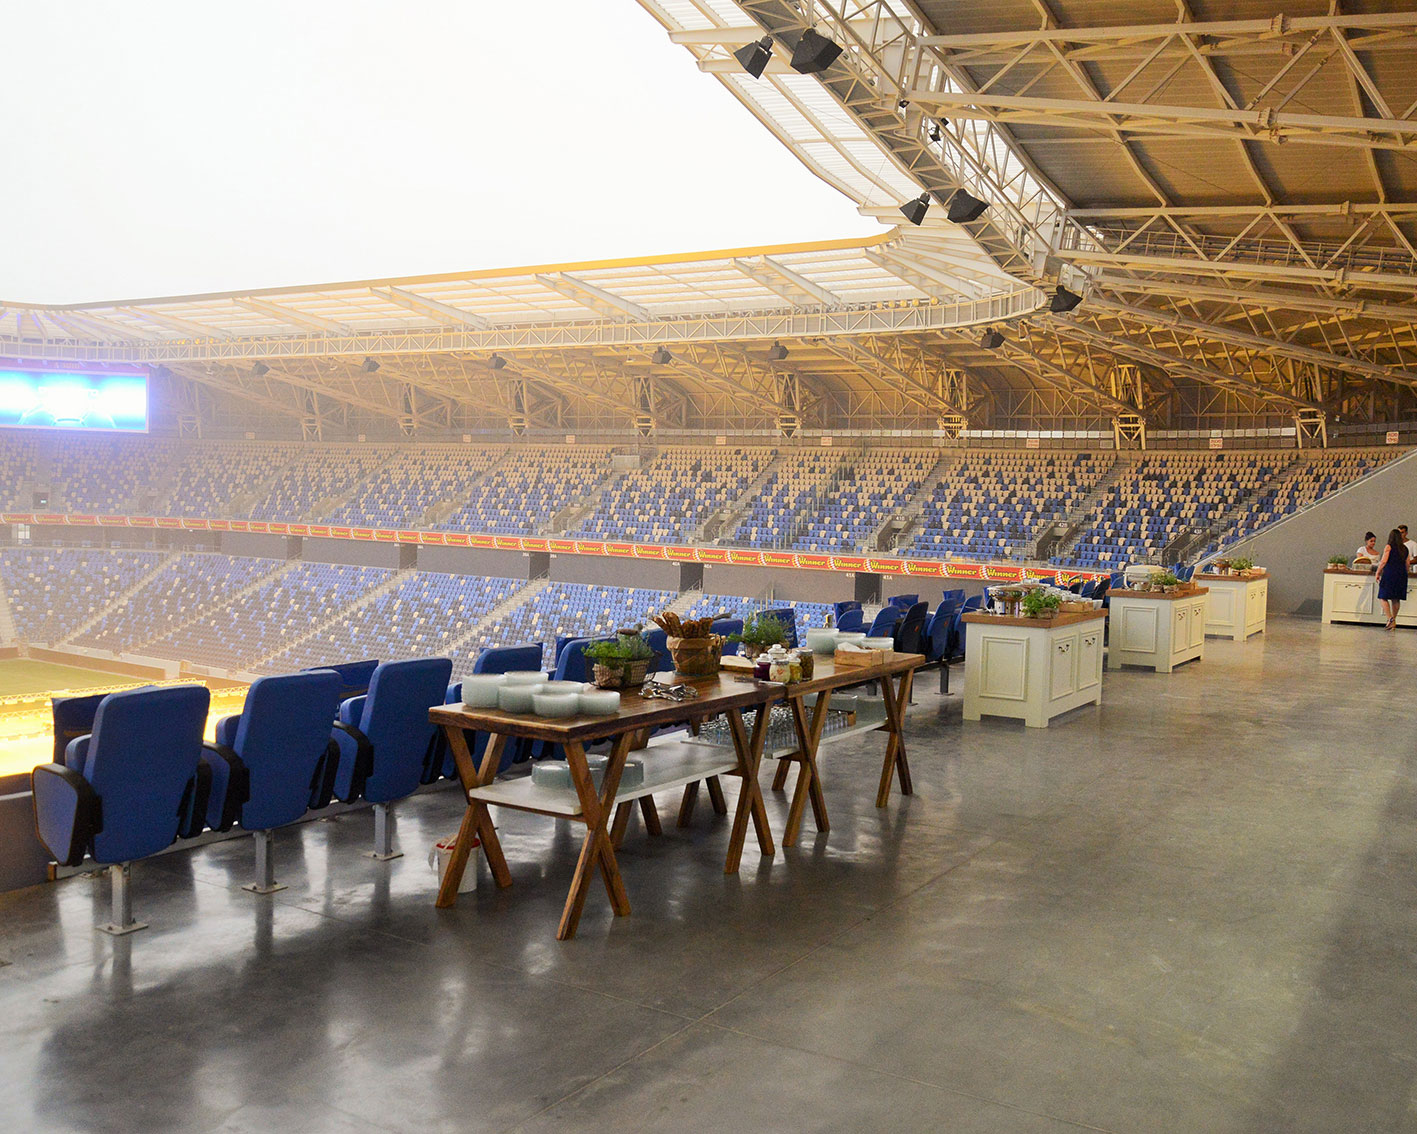 האיצטדיון לוקיישן המושלם לארוע